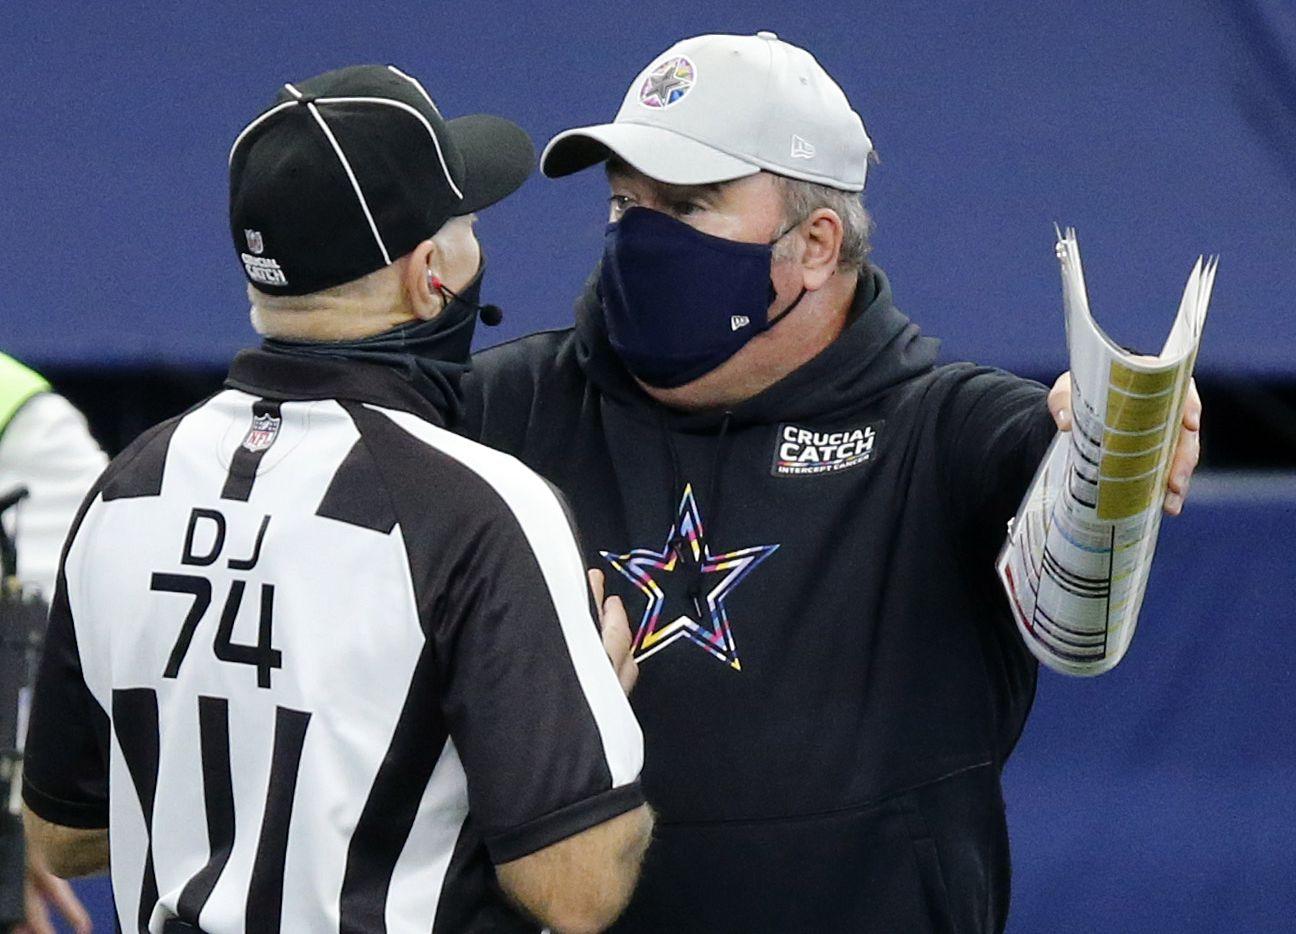 El entrenador en jefe de los Dallas Cowboys, Mike McCarthy, discute con un oficial durante el juego contra los Cleveland Browns, el 4 de octubre de 2020 en el AT&T Stadium de Arlington.